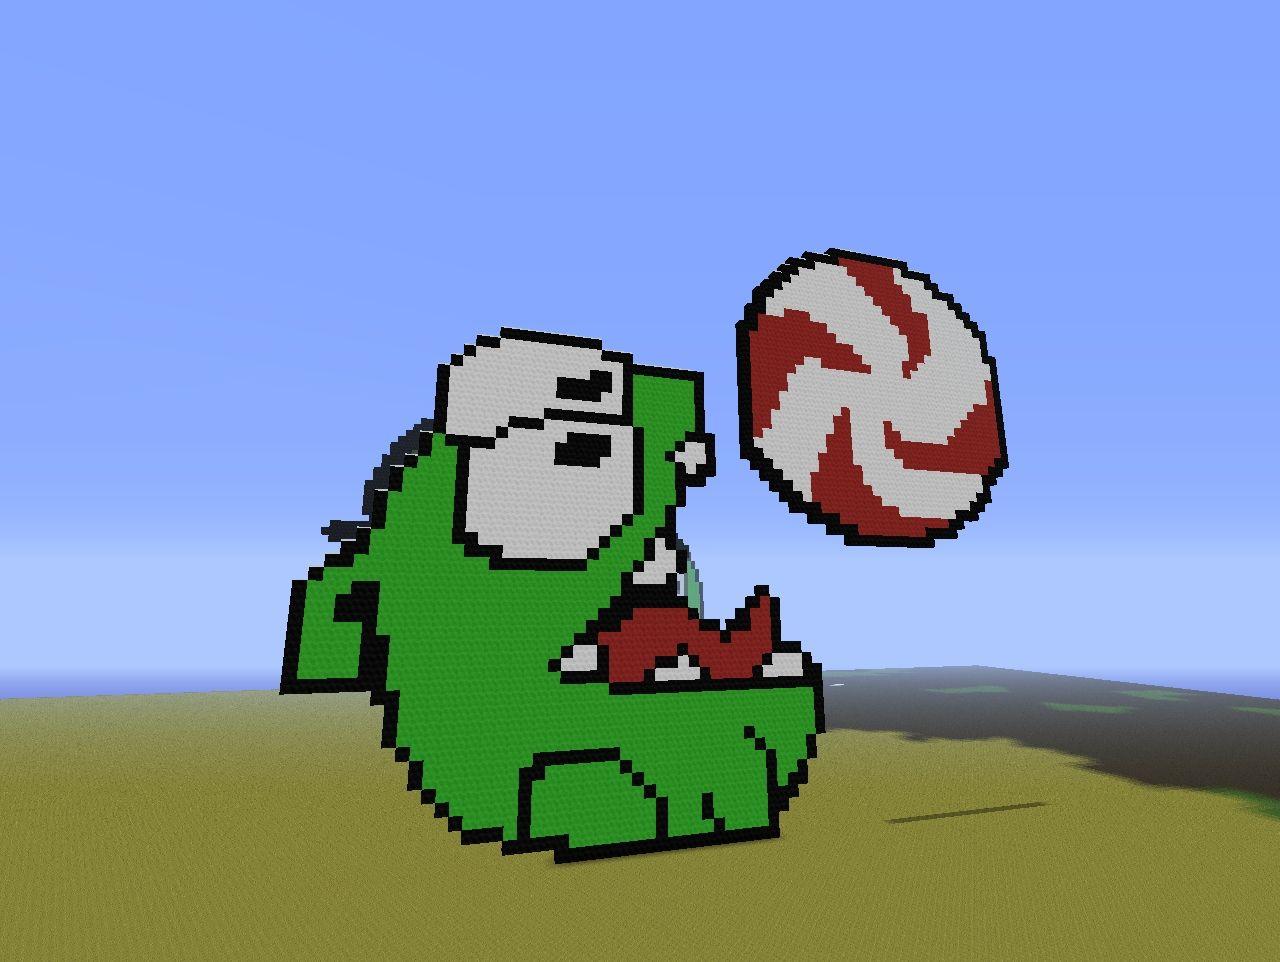 images?q=tbn:ANd9GcQh_l3eQ5xwiPy07kGEXjmjgmBKBRB7H2mRxCGhv1tFWg5c_mWT Pixel Art Generator @koolgadgetz.com.info